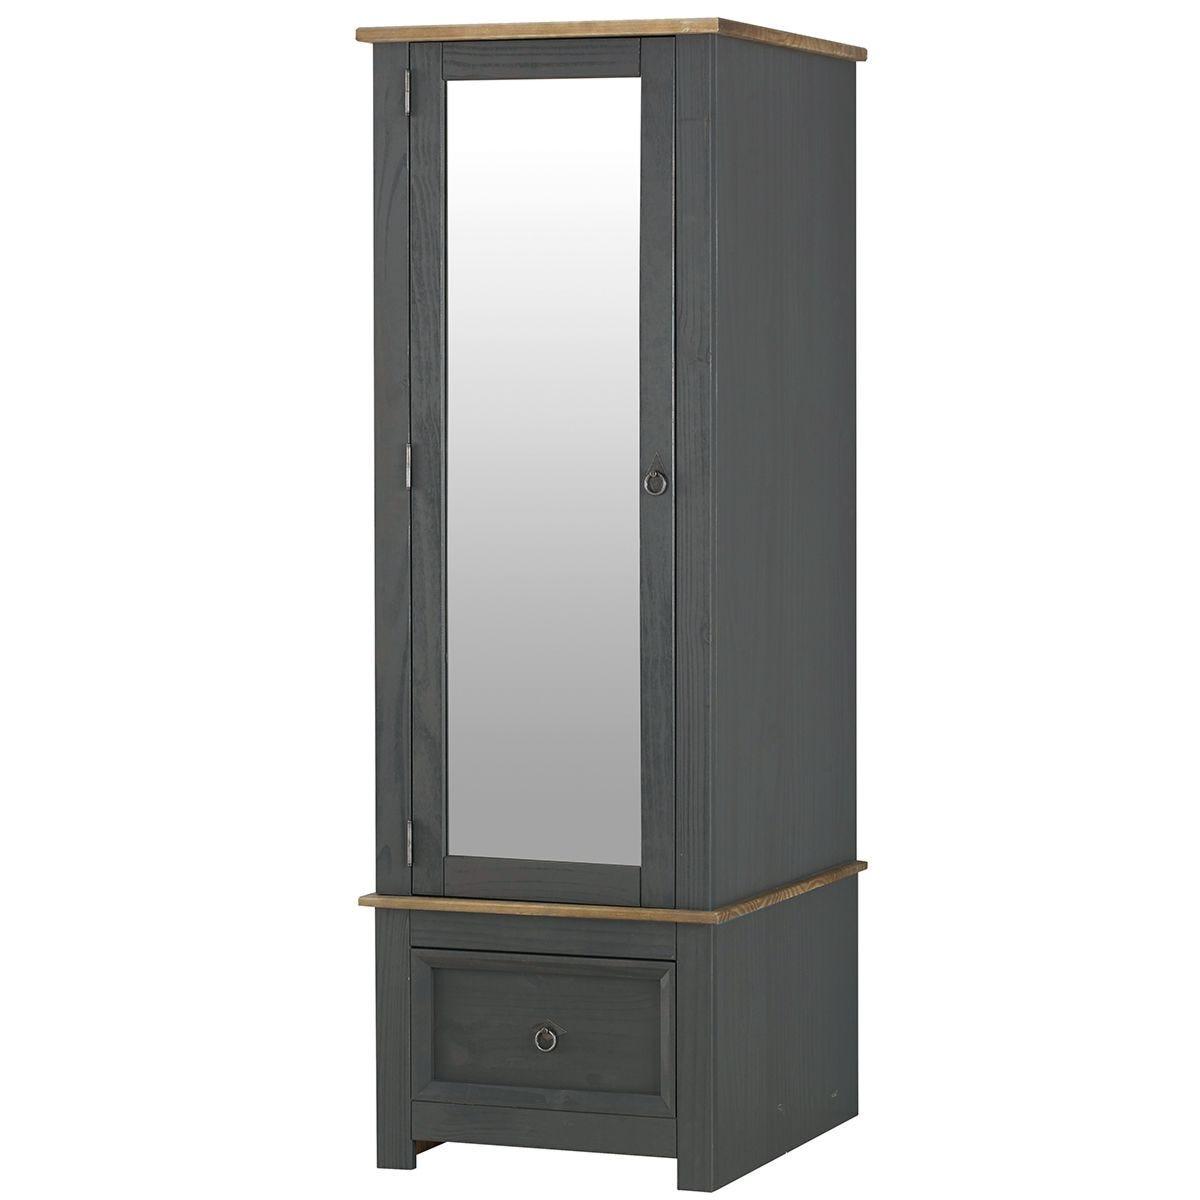 Halea Armoire Mirrored Door - Carbon